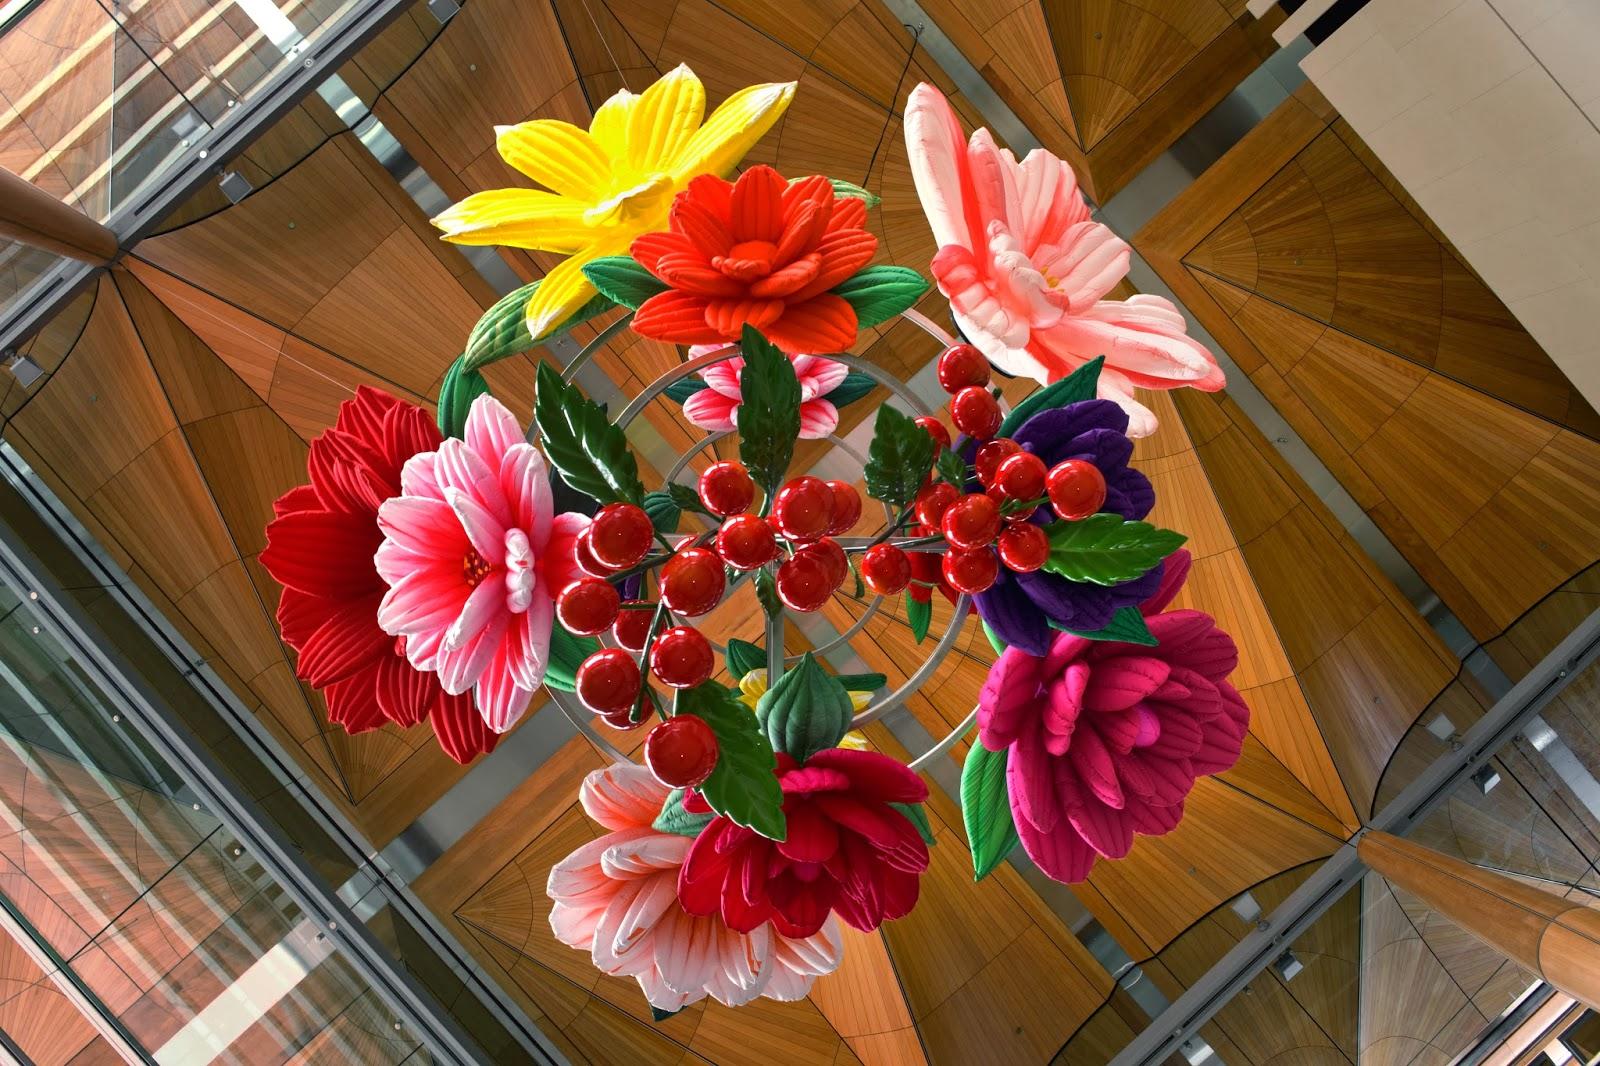 http://rfacdn.nz/artgallery/assets/media/blog-farewell-flower-1.jpg